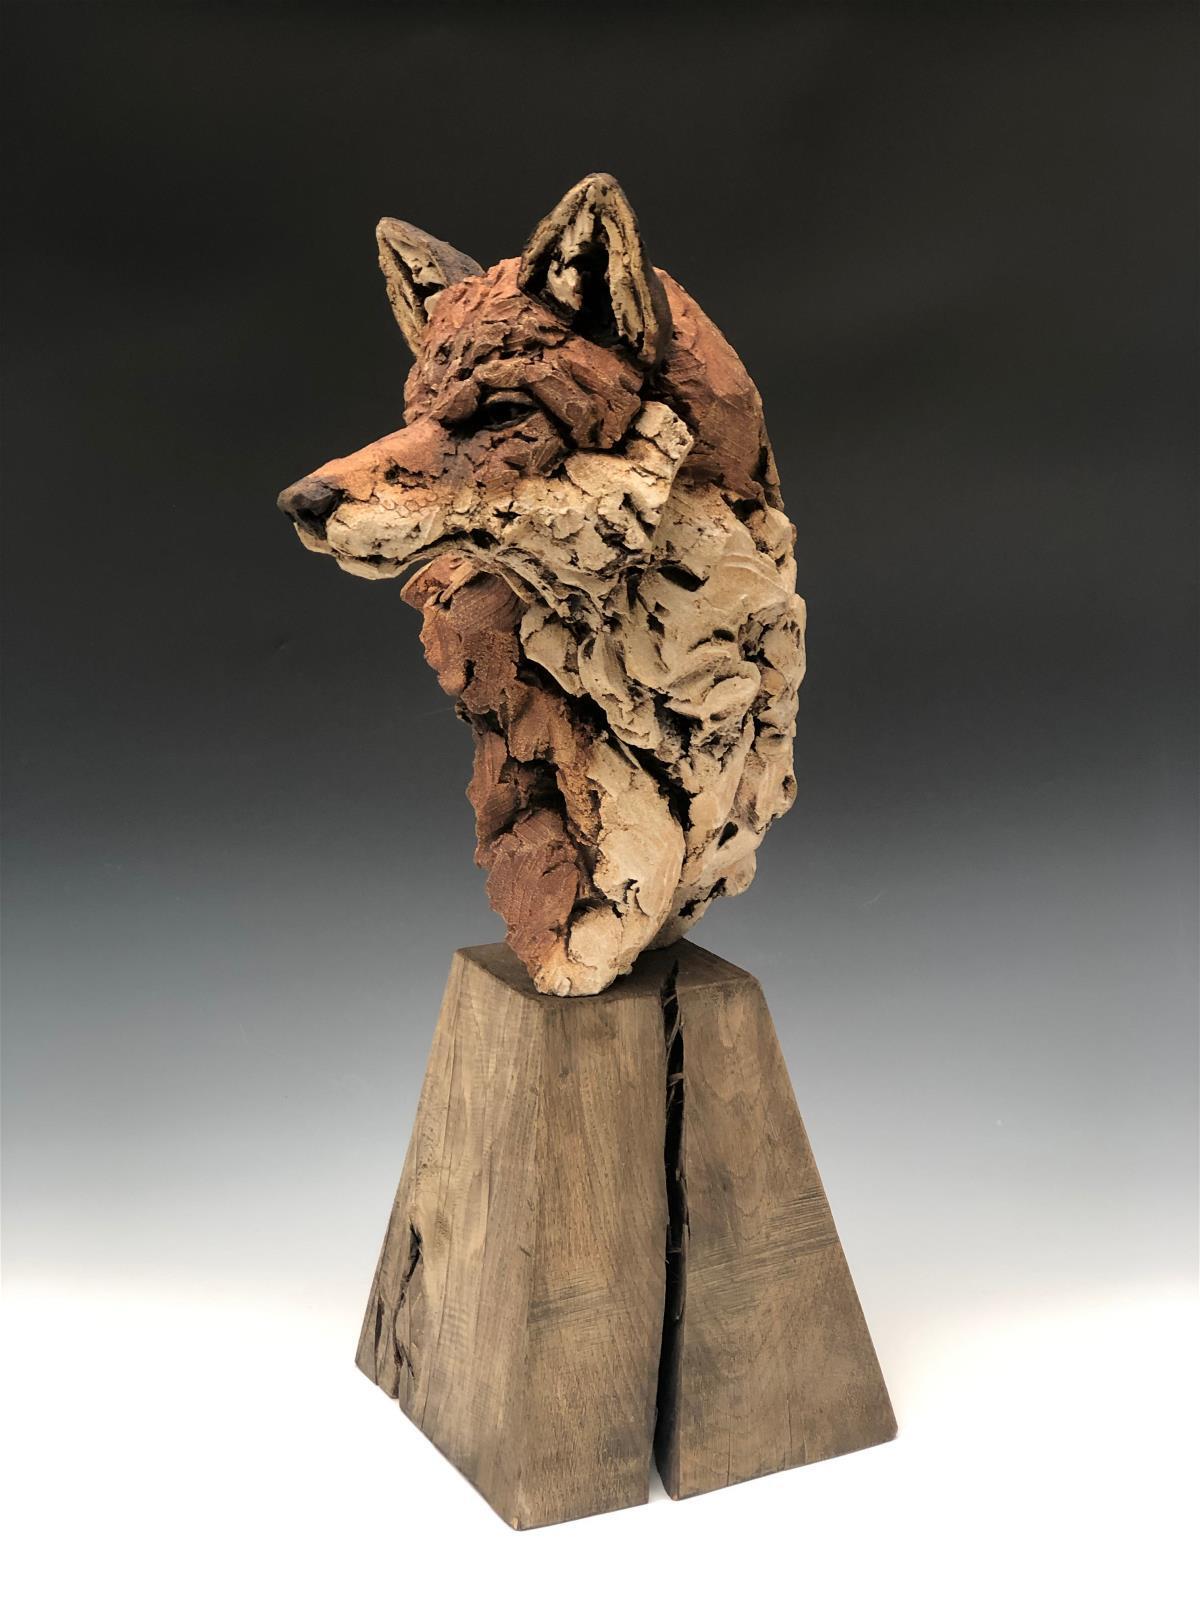 <p>Fox portrait by Simon Griffiths</p>